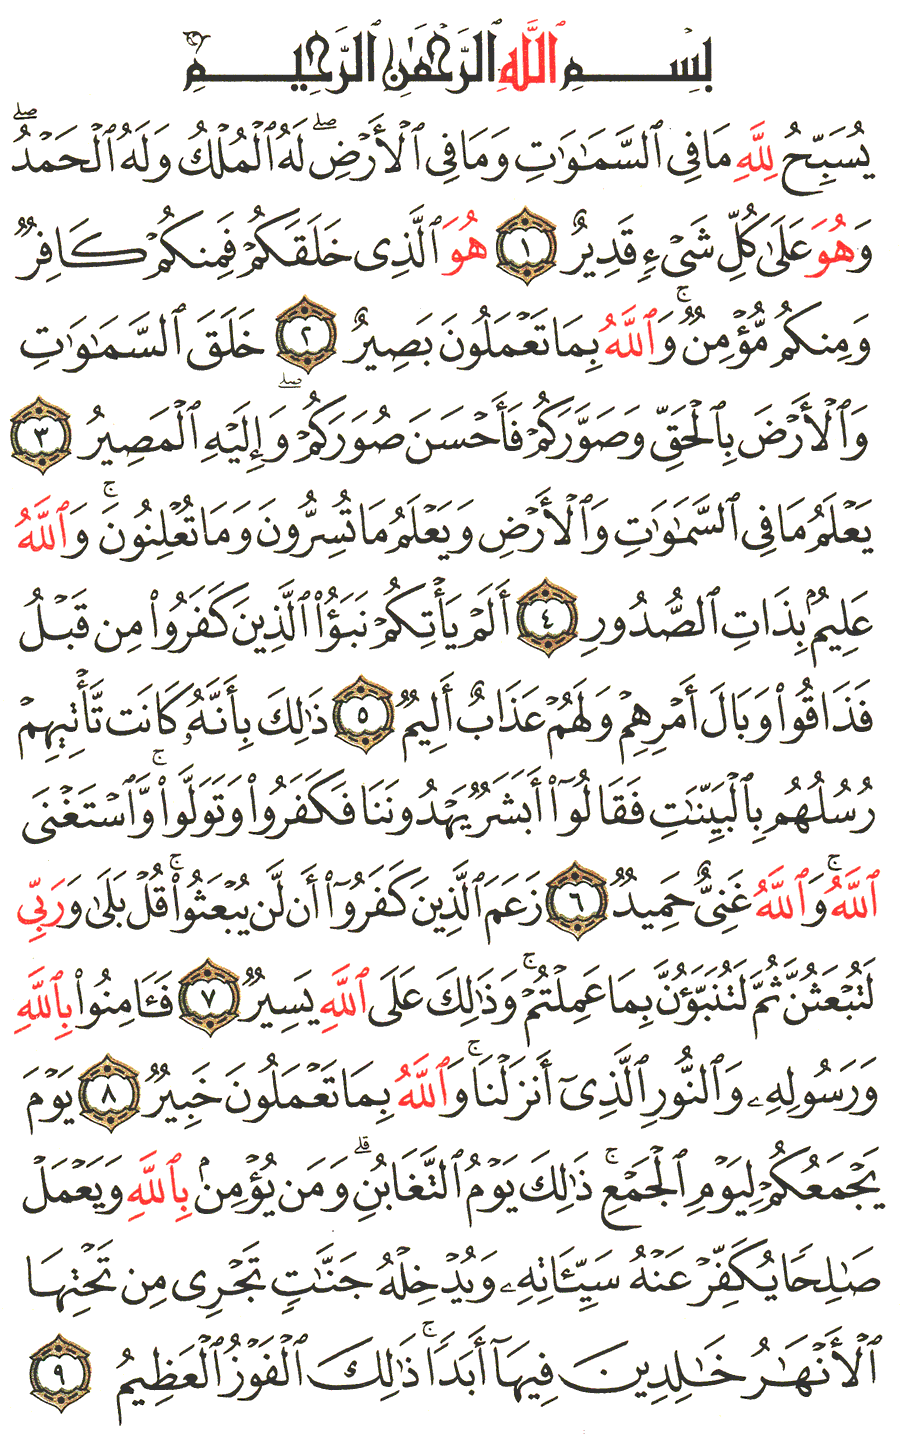 الصفحة رقم 556 من القرآن الكريم مكتوبة من المصحف